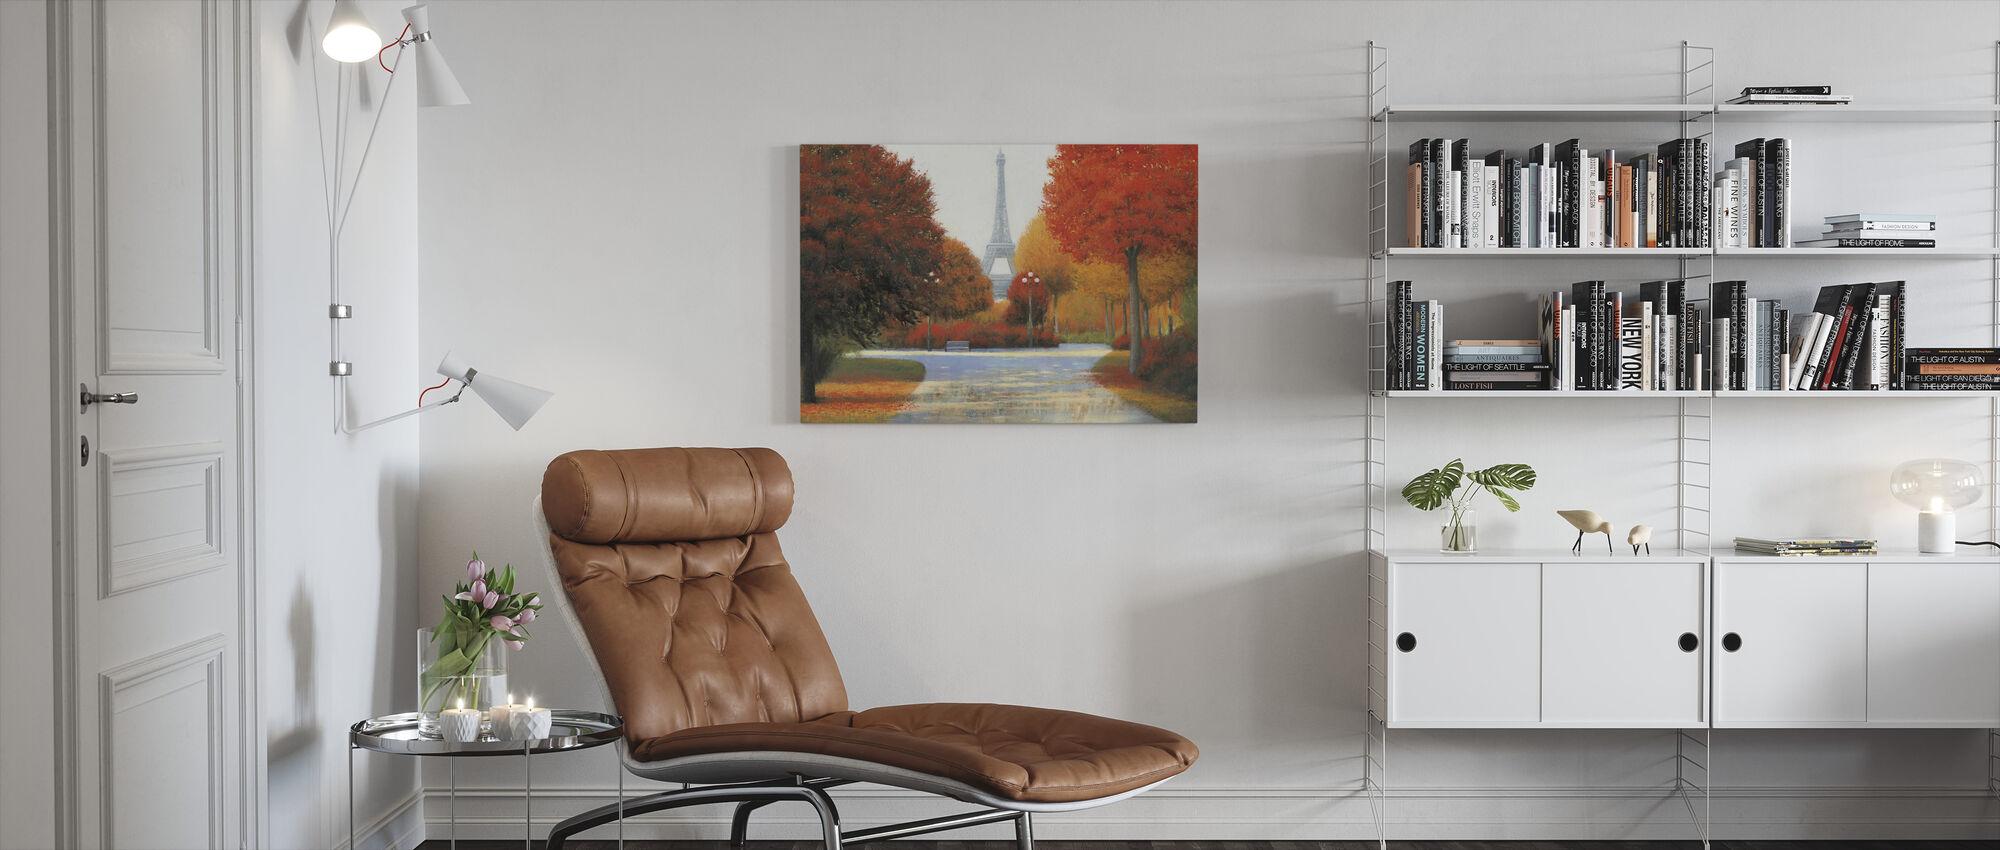 Autumn in Paris - Canvas print - Living Room